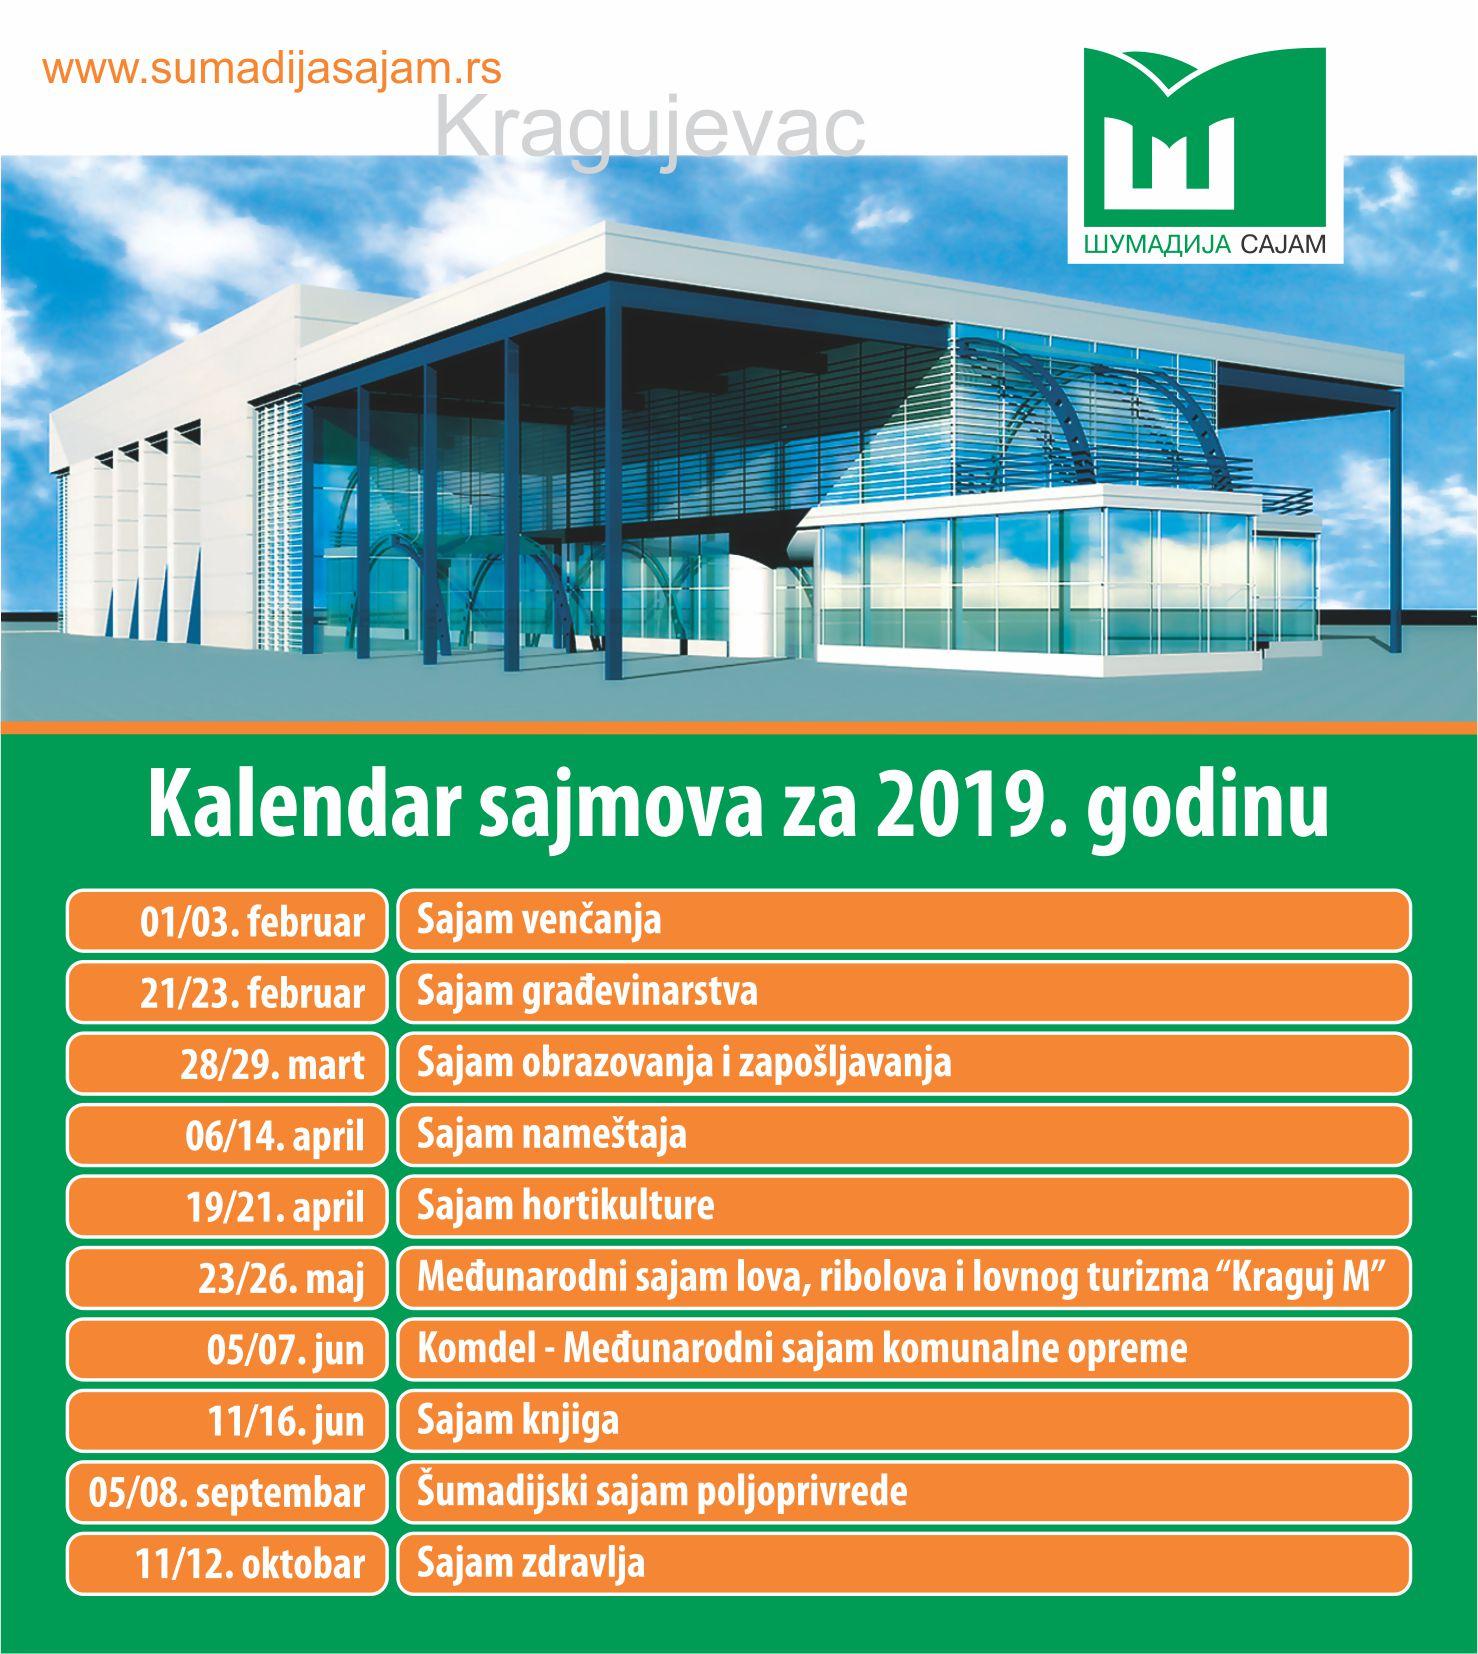 kalendar sajmova 2019